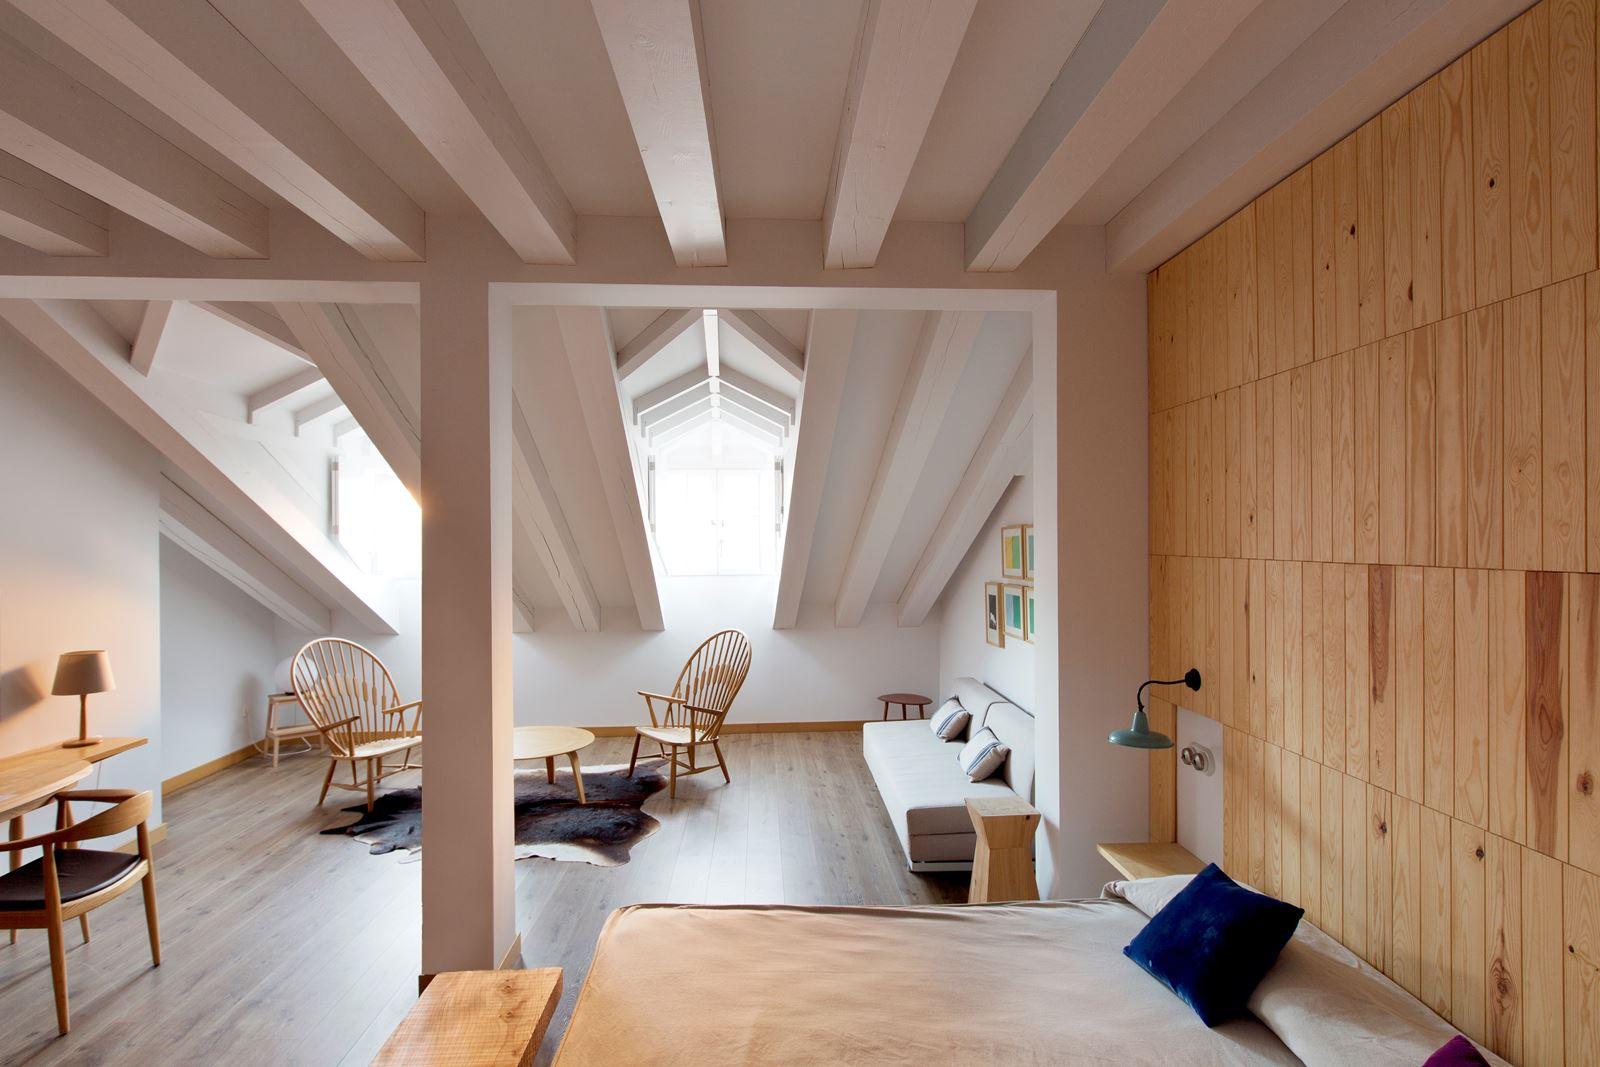 Illuminare stanza con travi a vista: travi di legno in bianco luci